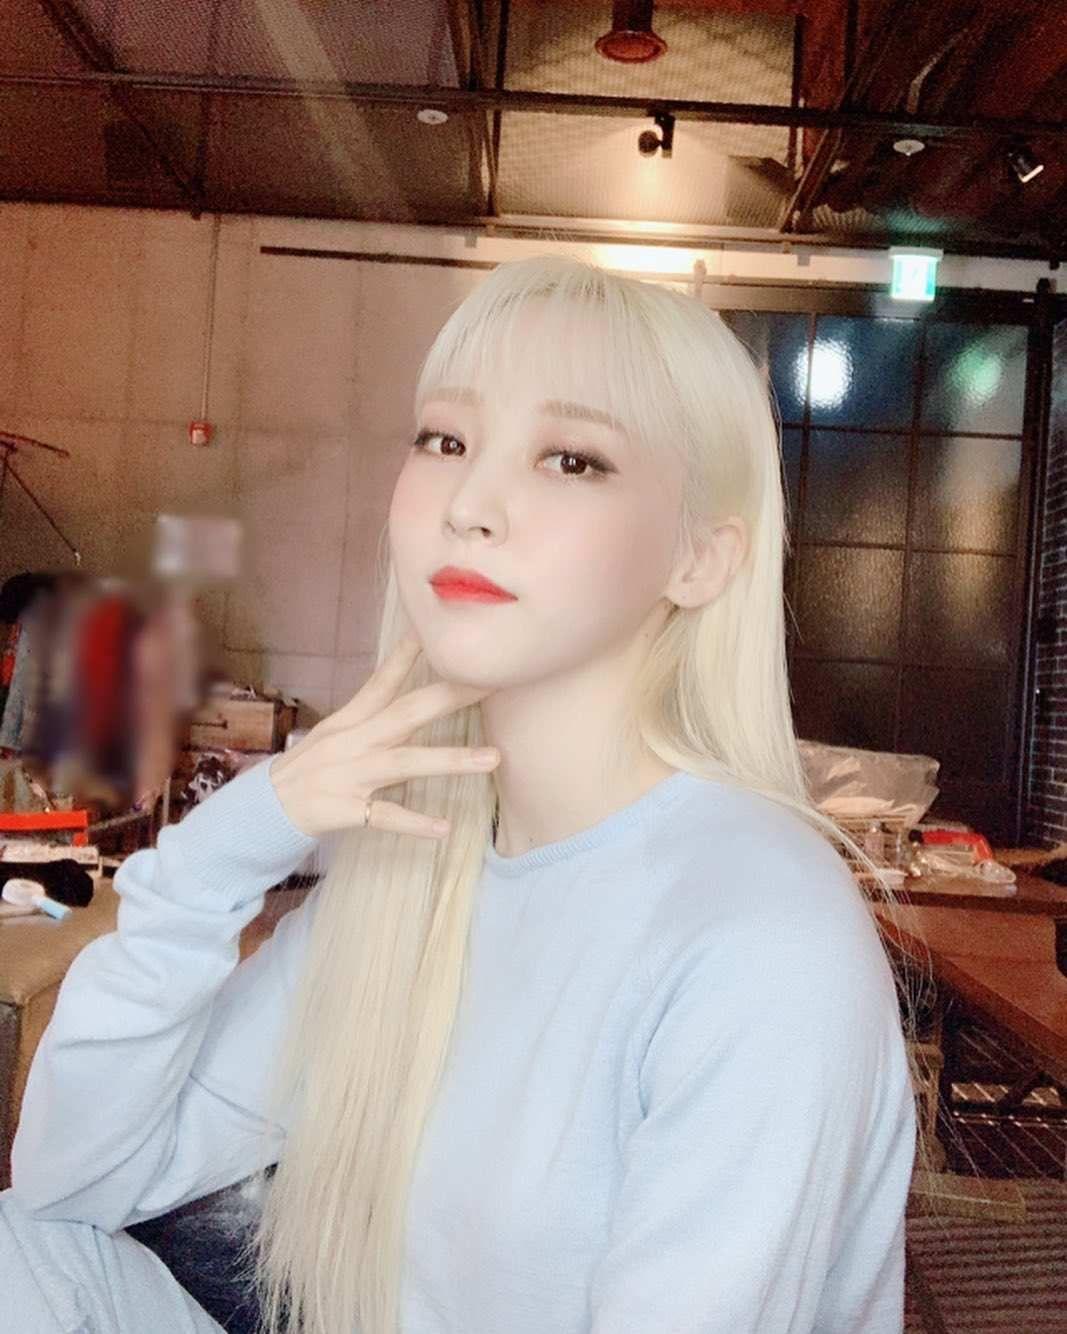 Inilah 10 Idol Kpop Cewek Dengan Kemampuan Rapper Terbaik My Girl Moonbyul Idol